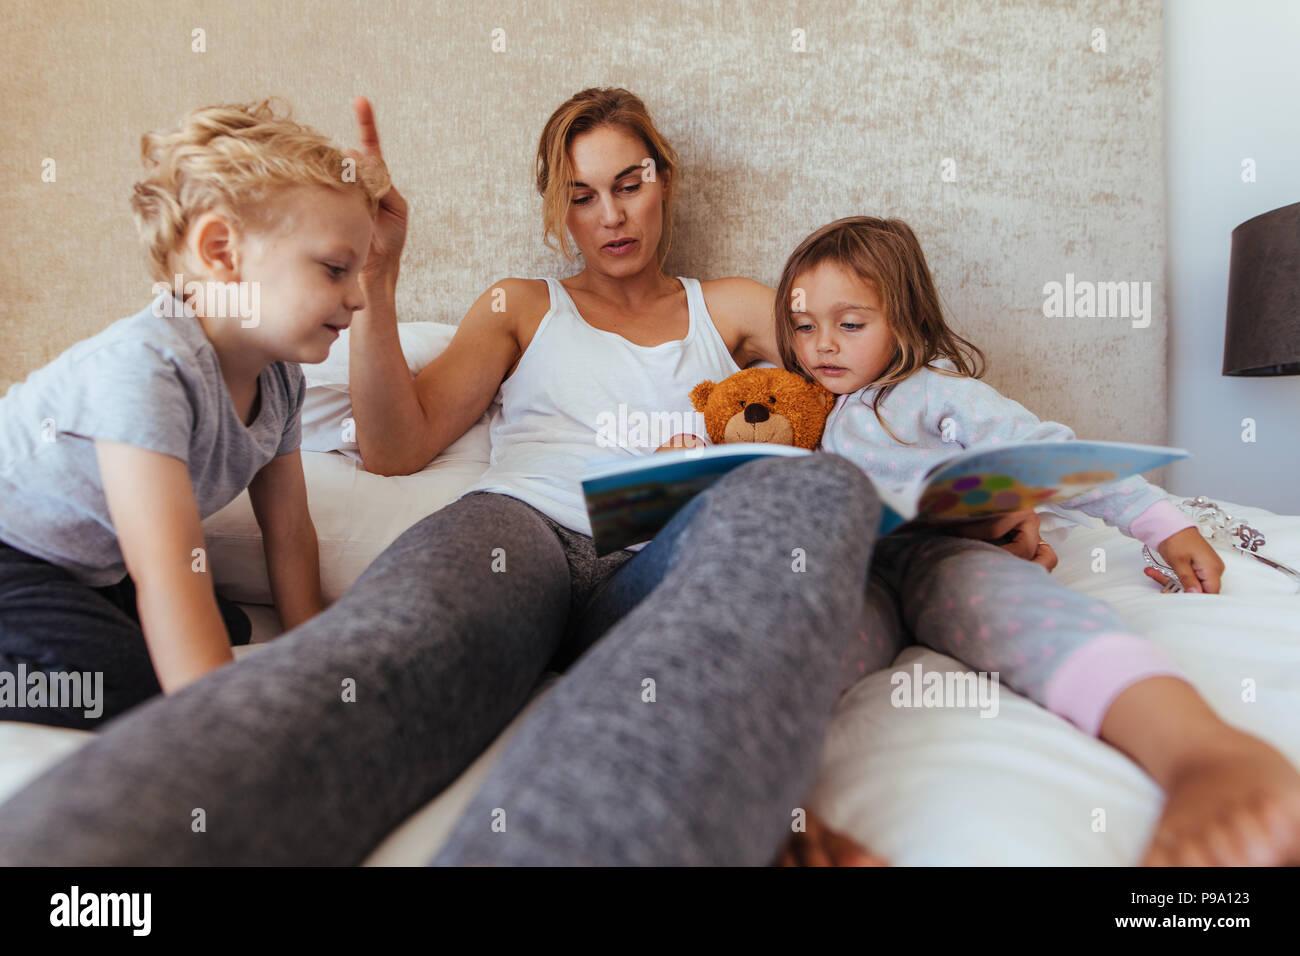 Histoire avant la lecture de la mère aux enfants à la maison. Mère attentive lecture du livre pour enfants sur l'adorable petit lit. Banque D'Images